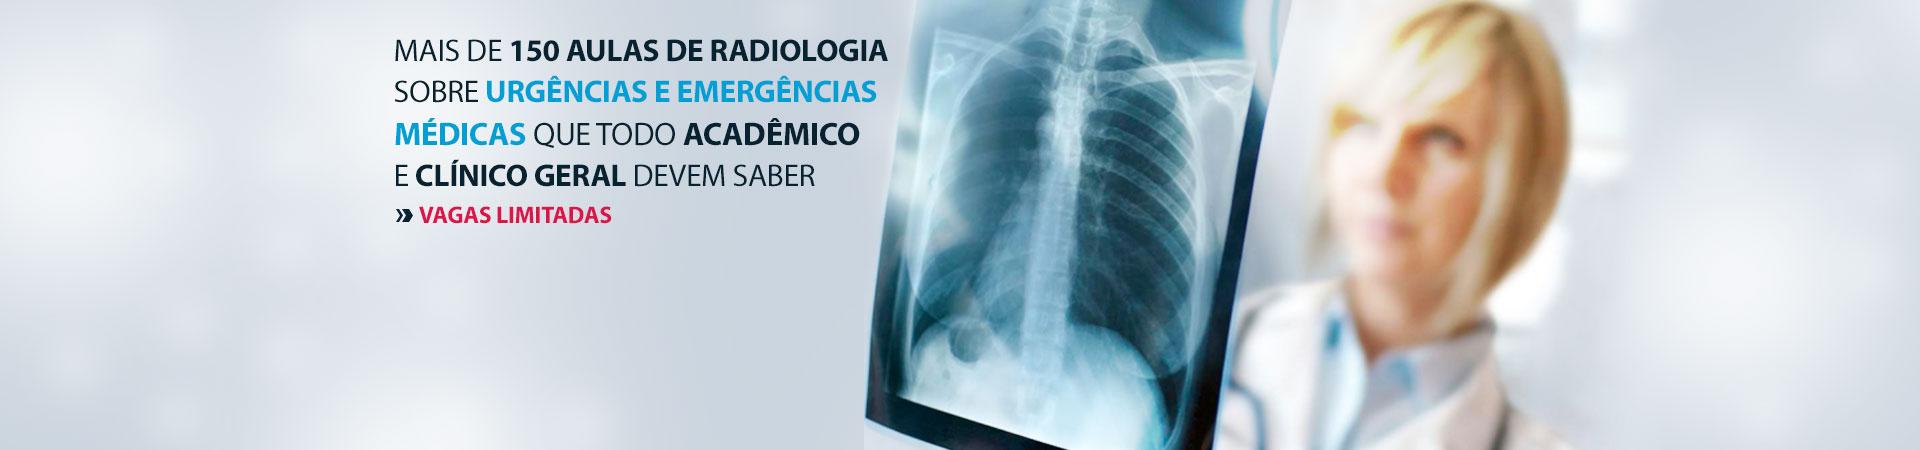 banner-radiologia-e-diagnostico-por-imagem2